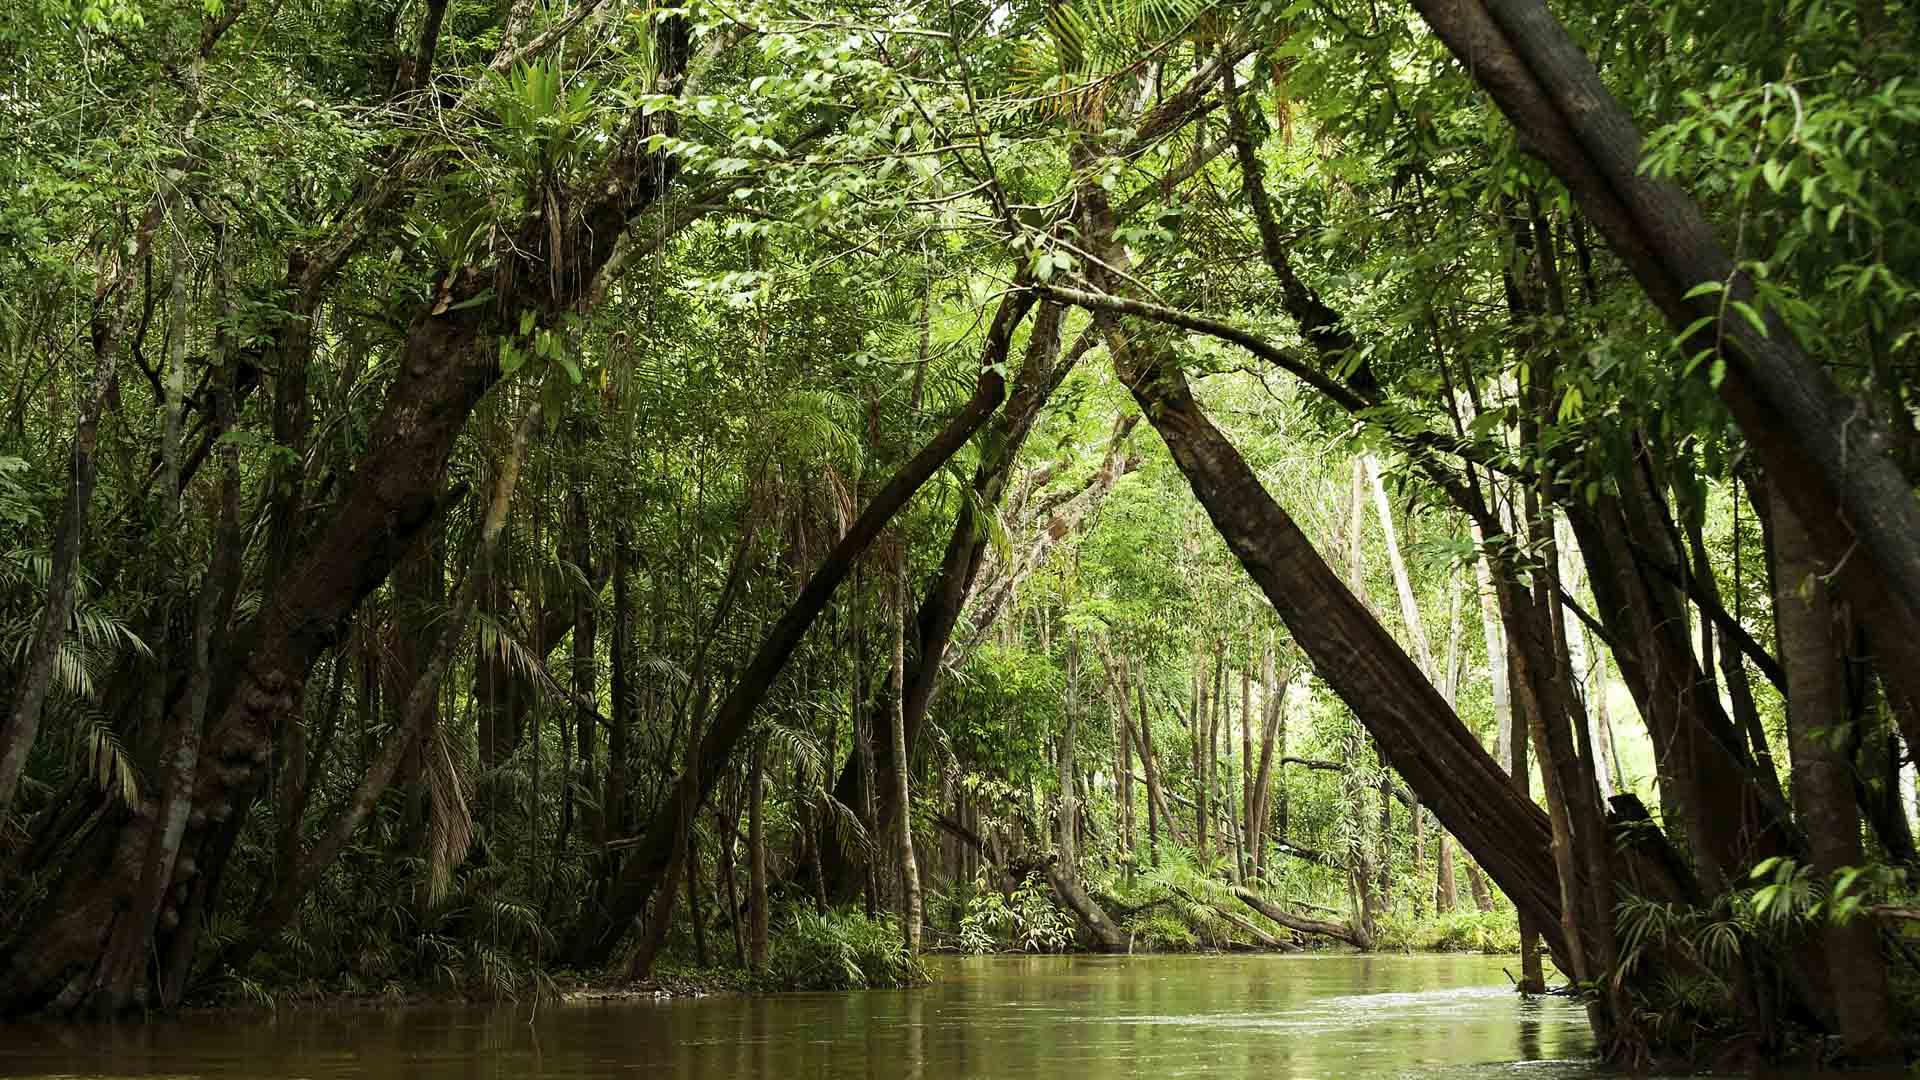 El bosque tropical más extenso del mundo recibirá proyectos preventivos sobre el cambio climático